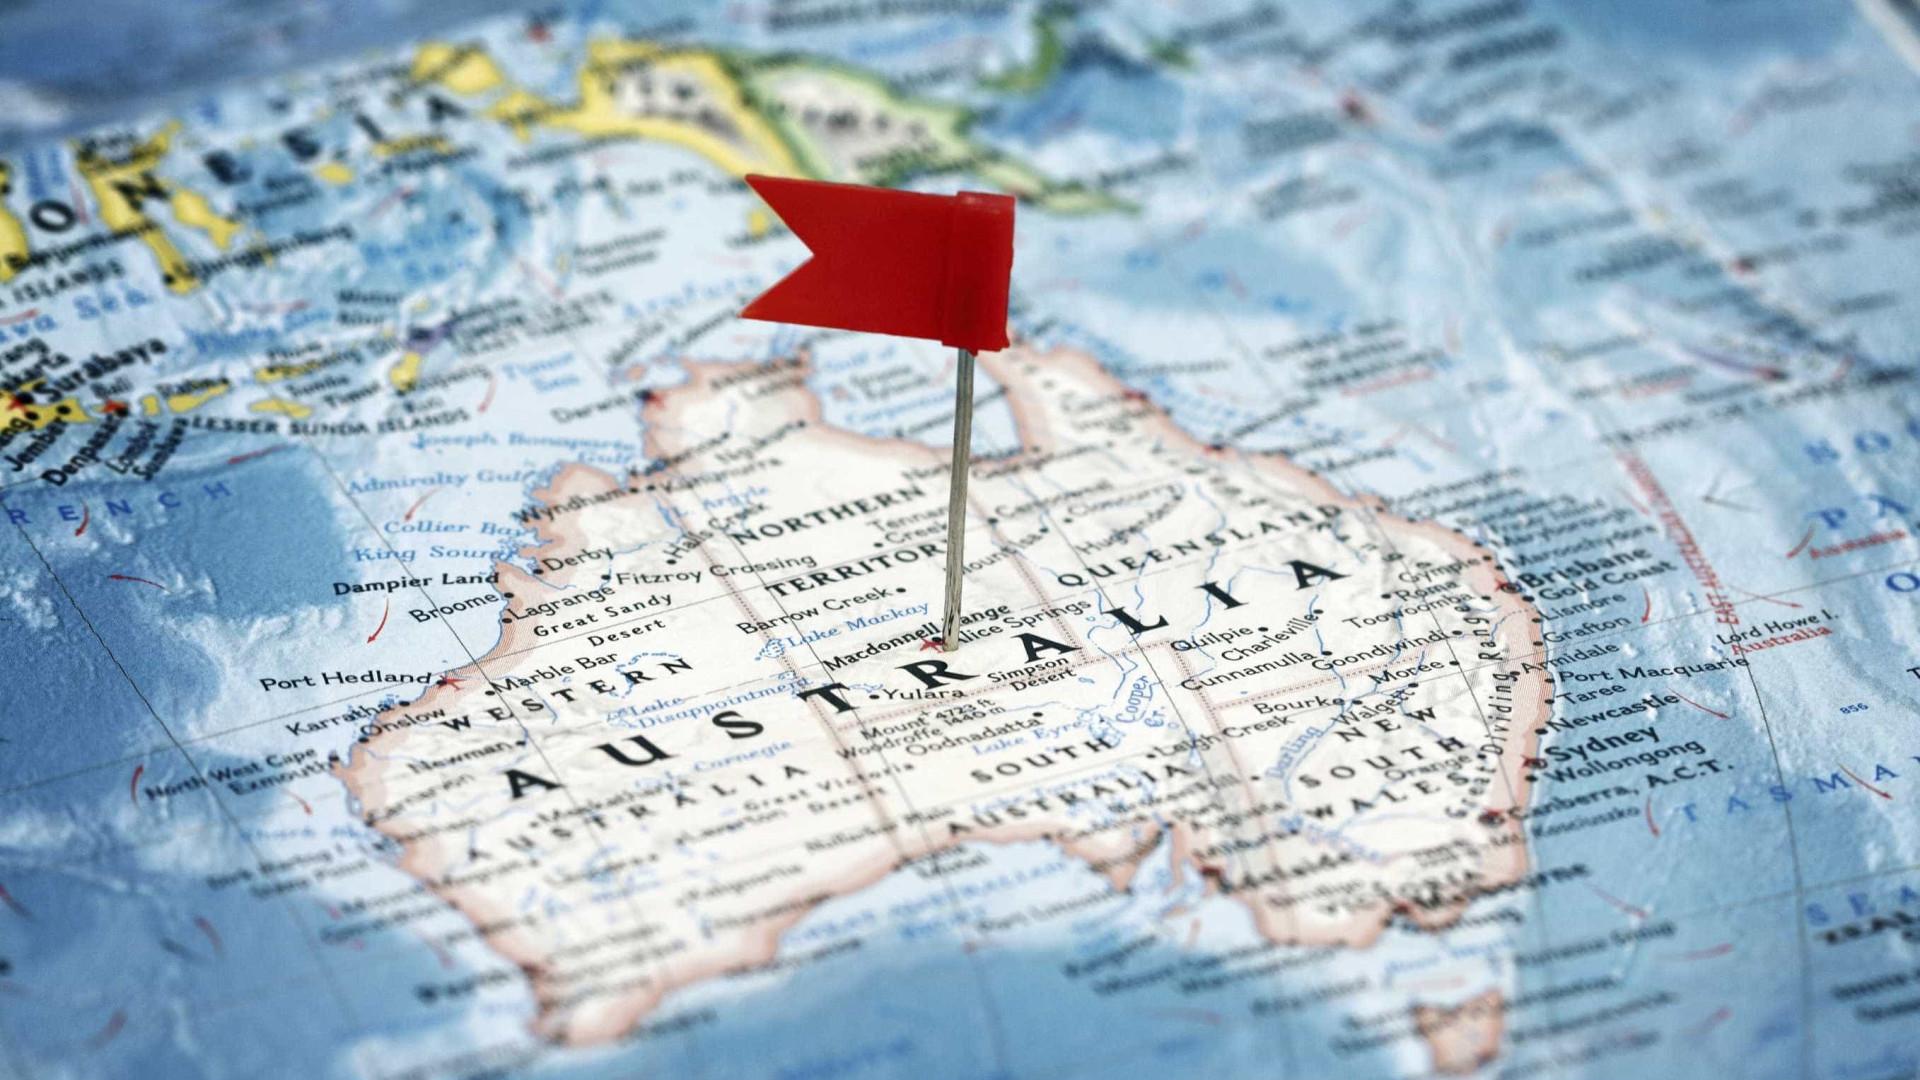 Austrália quer banir interferência estrangeira da sua política interna